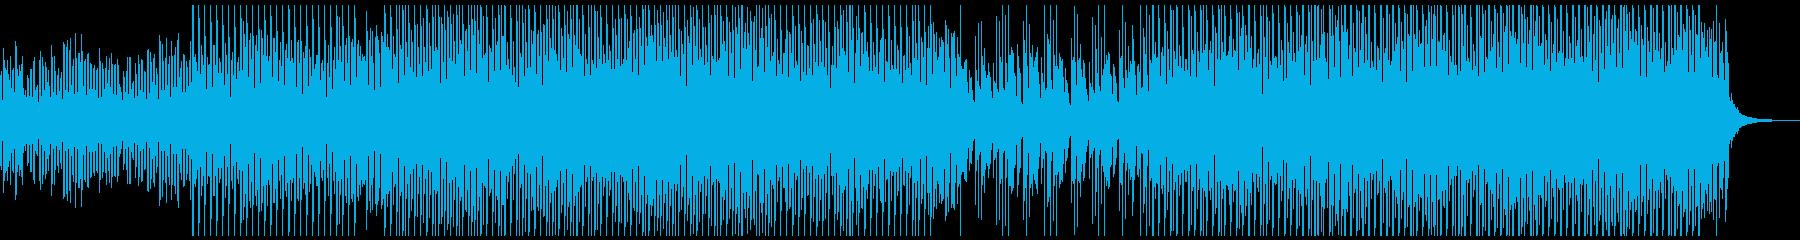 代替案 ポップ ハウス ダンス プ...の再生済みの波形